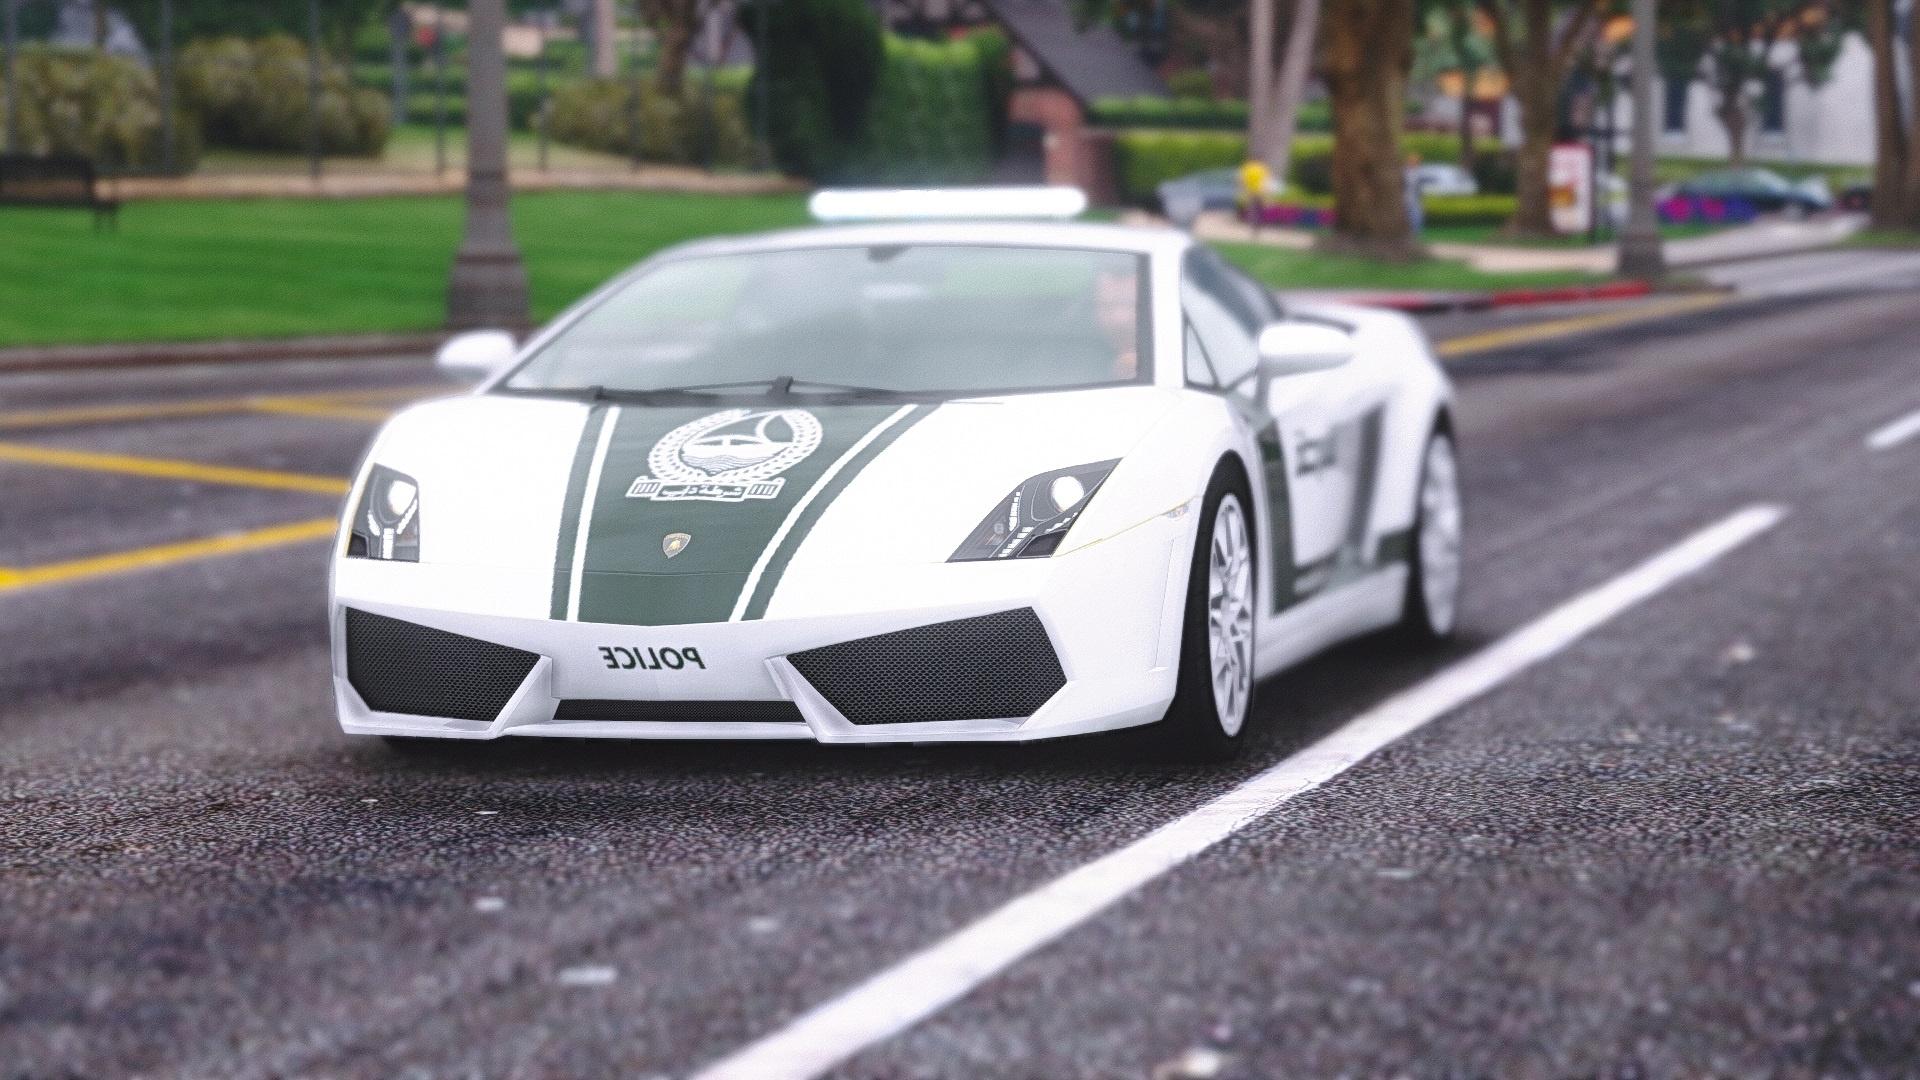 Lamborghini Gallardo Dubai Police - GTA5-Mods com